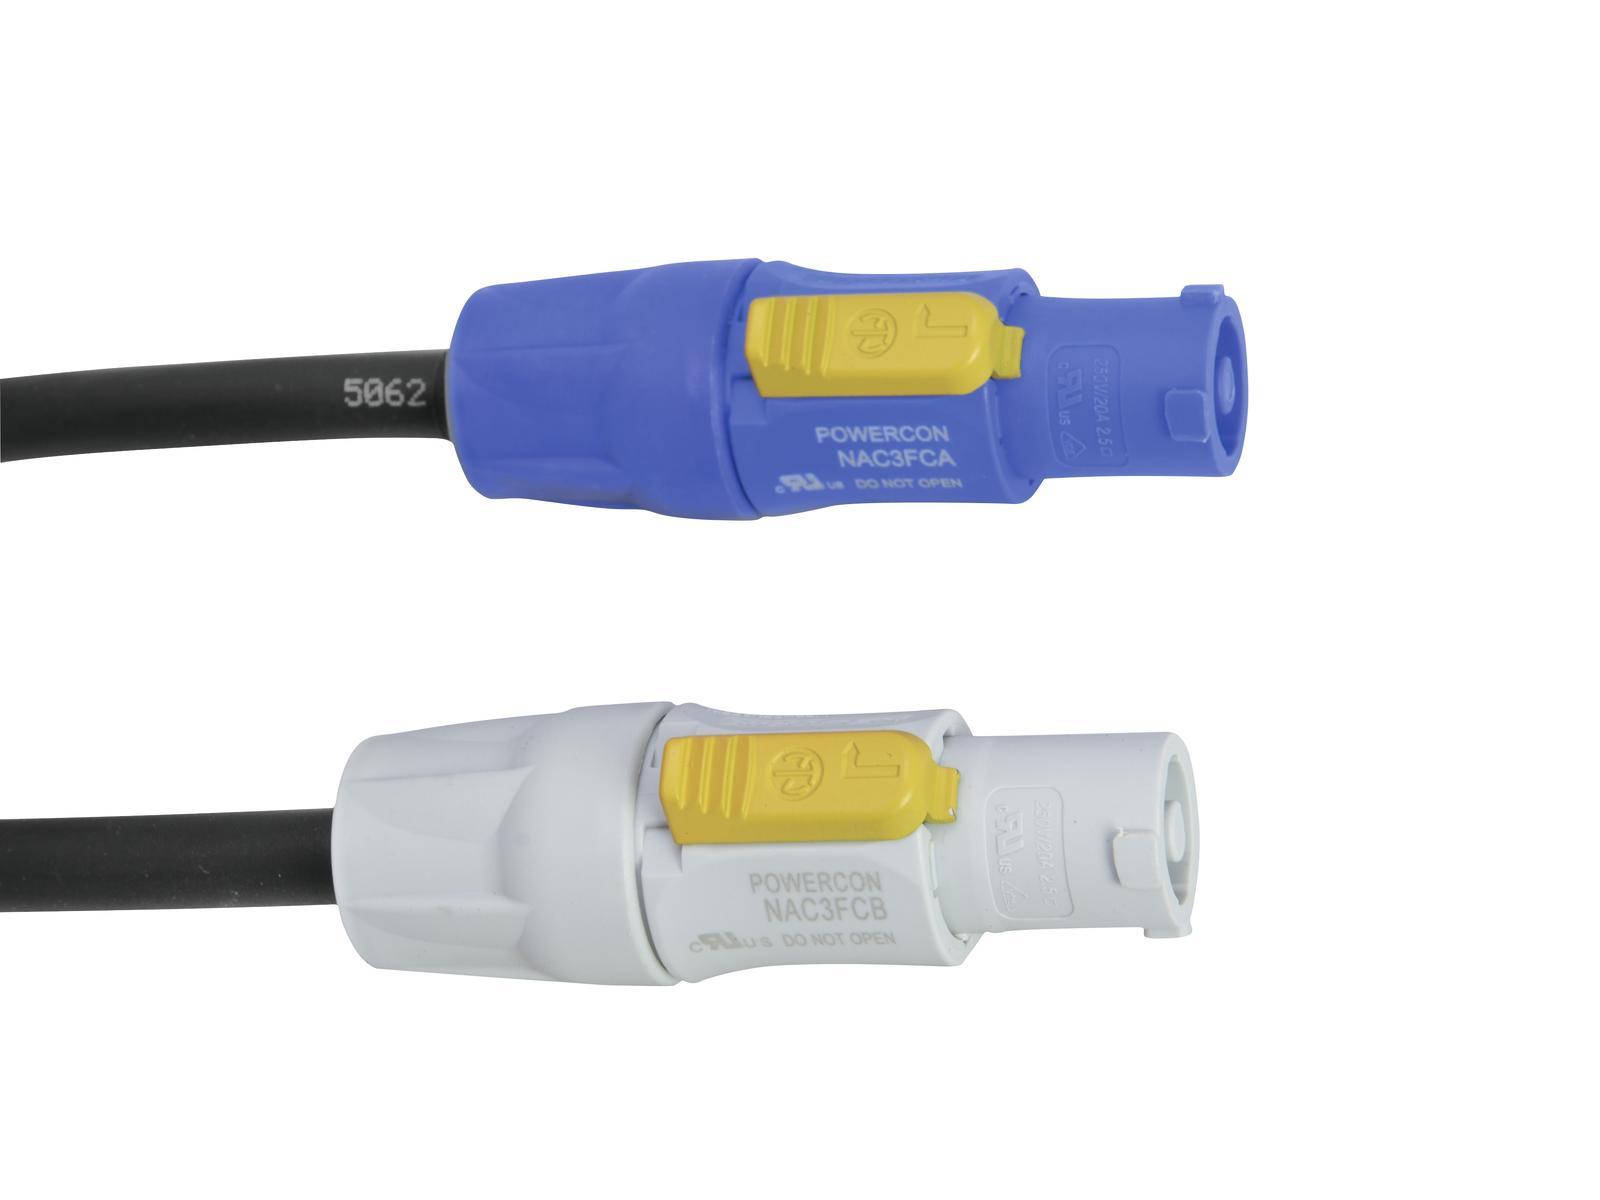 PSSO PowerCon prodlužovací kabel 3x1,5mm, 0,5m